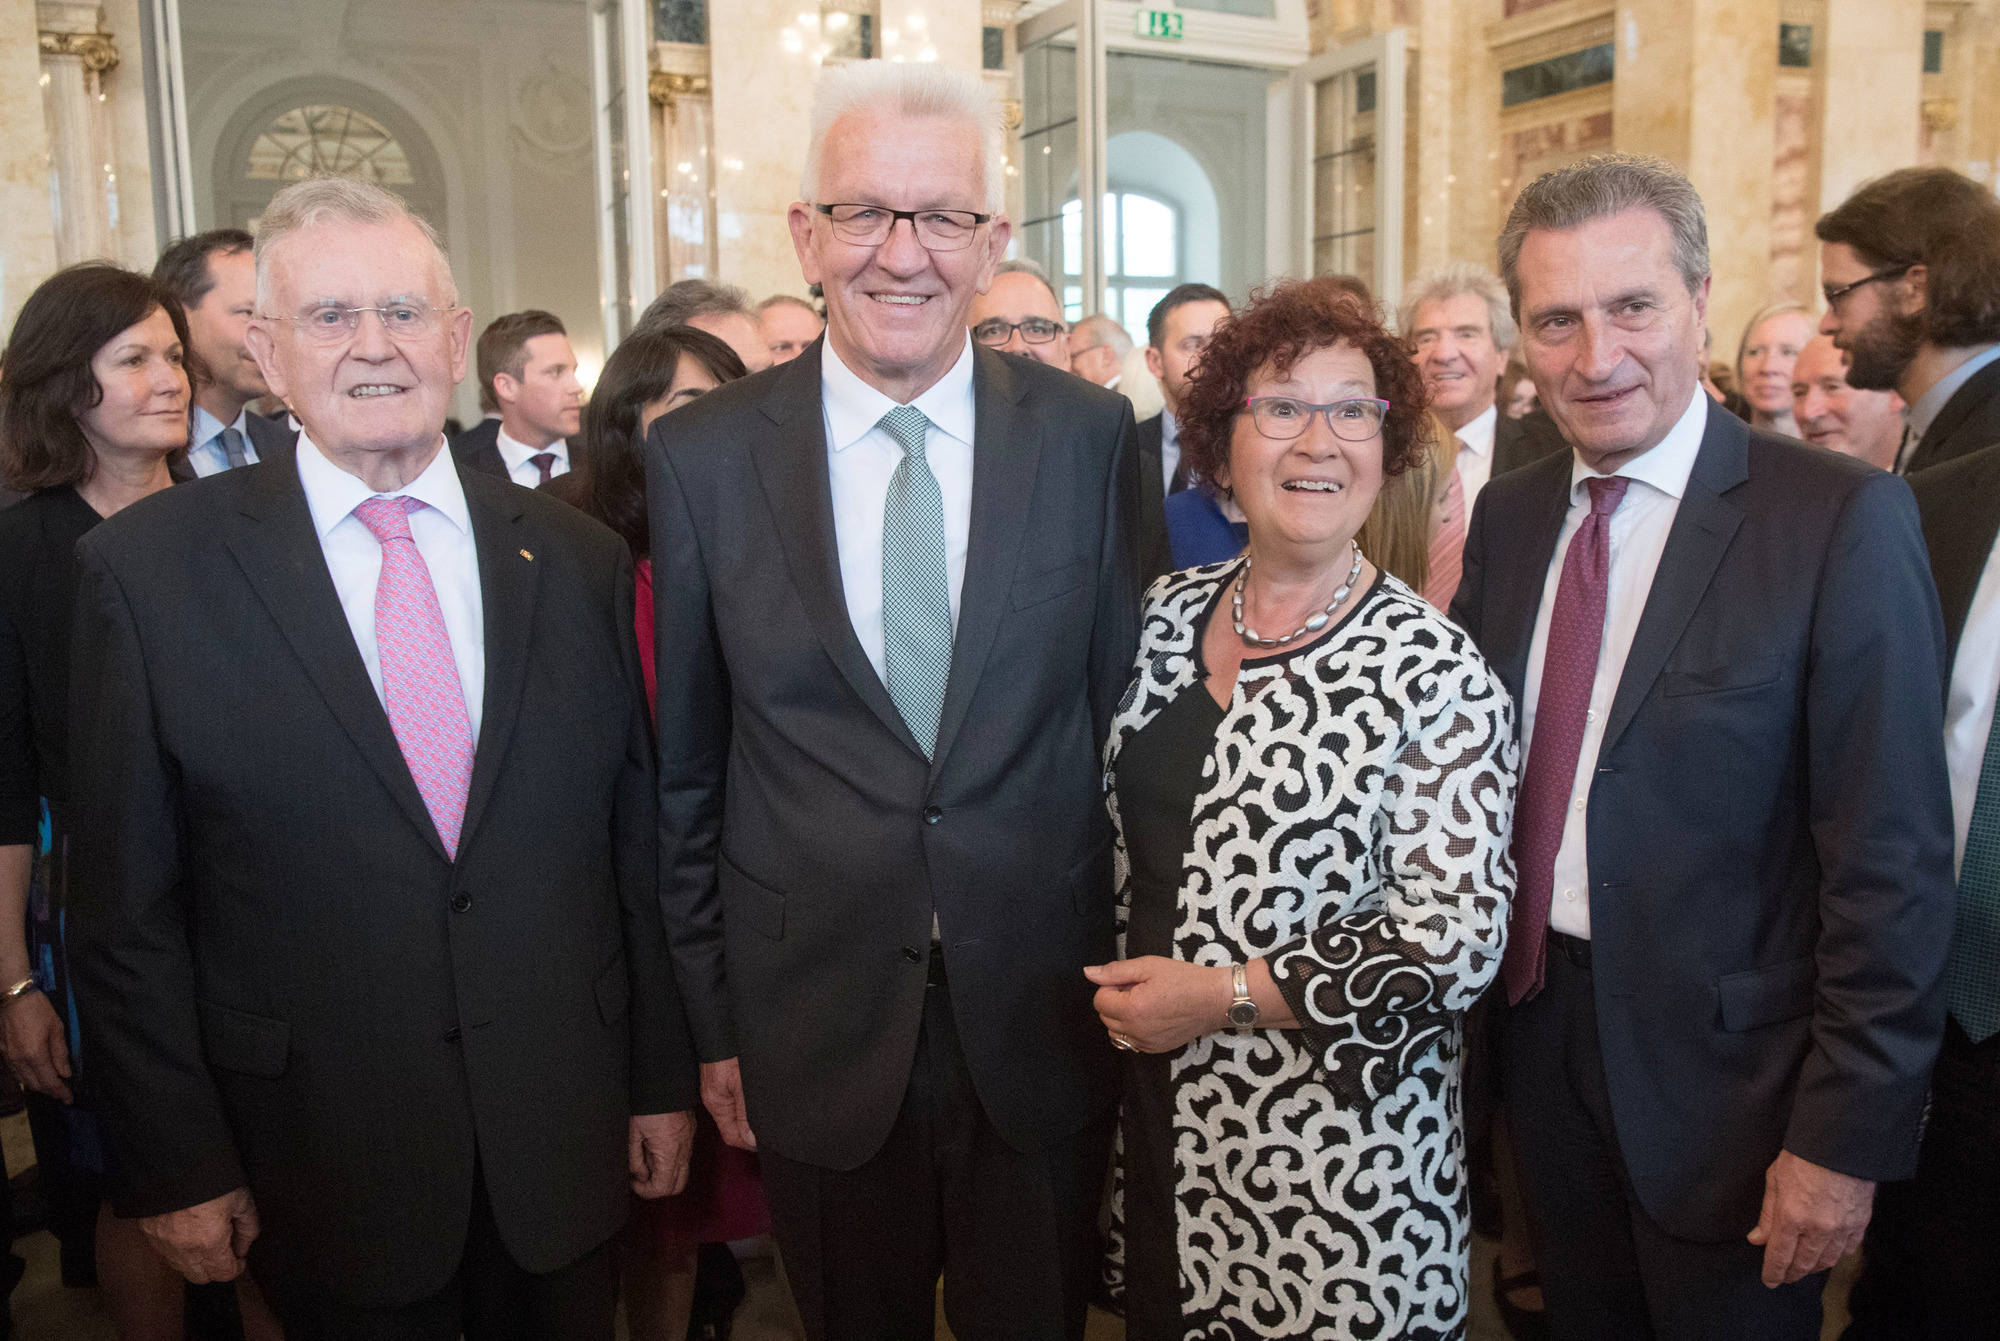 https www rnz de politik suedwest artikel kretschmann feierte 70 geburtstag viel lob von schwarz und gruen arid 359580 html